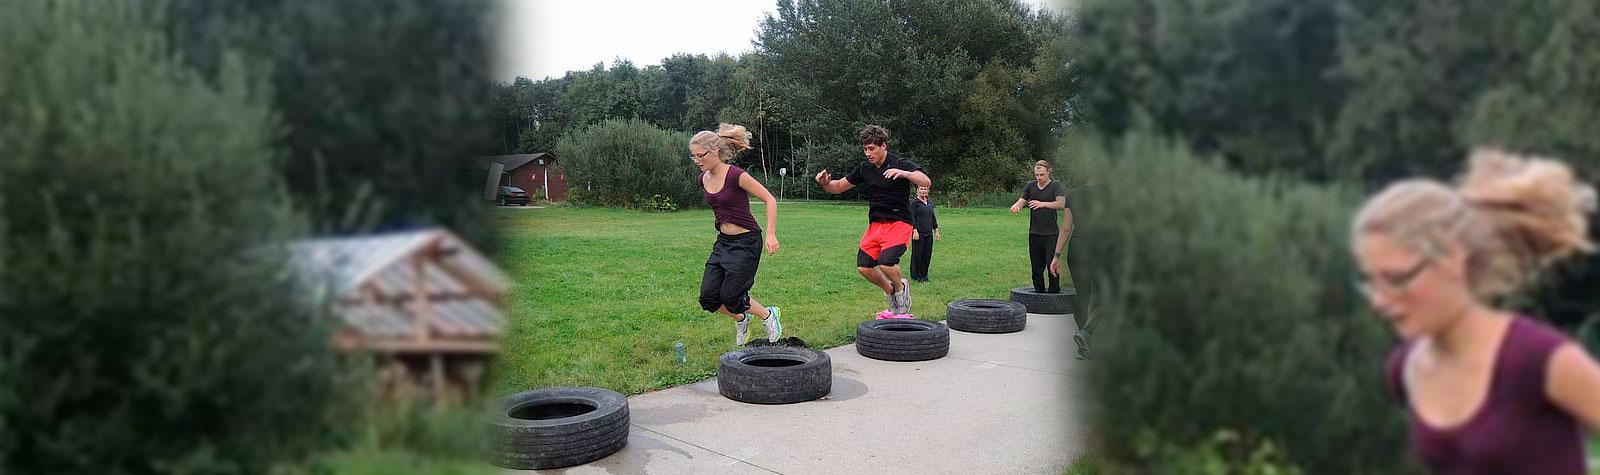 Cross Fit en Brisas de Chicureo: De vuelta al deporte y la naturaleza